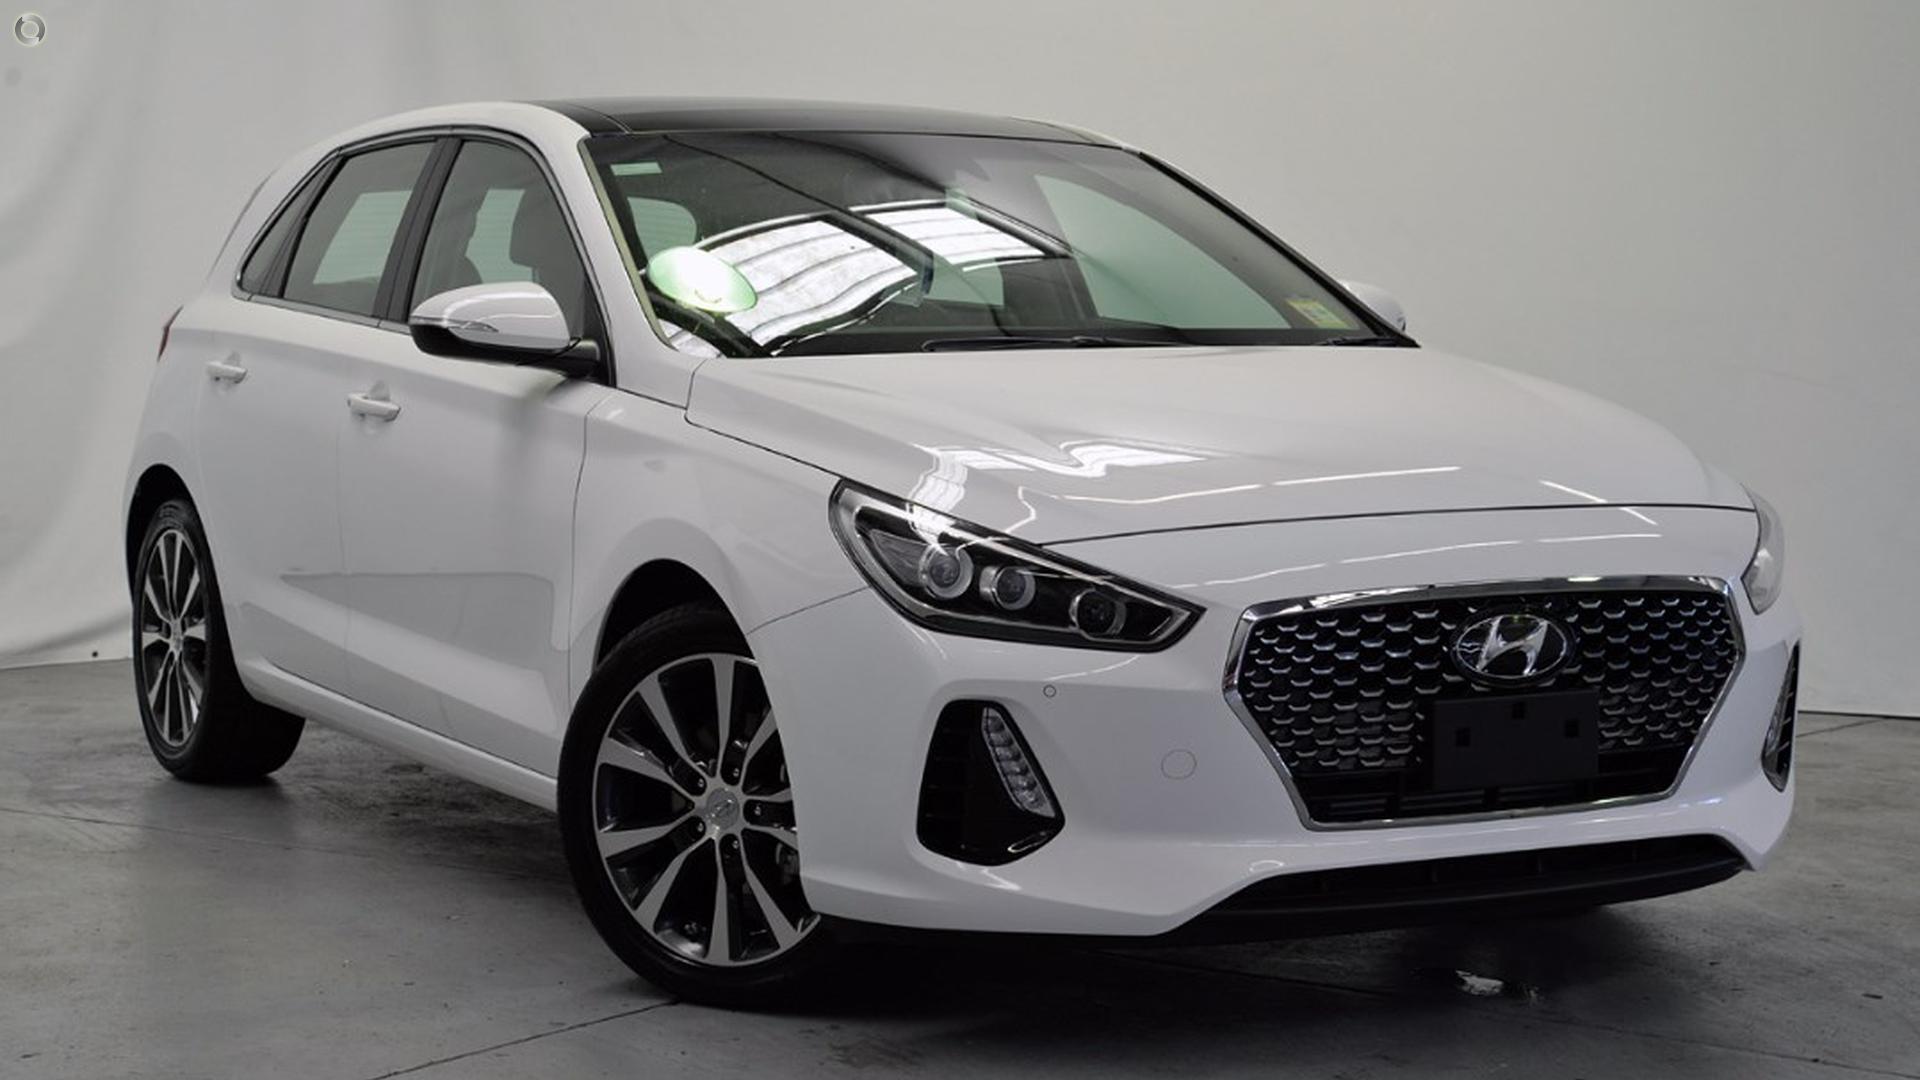 2017 Hyundai I30 Premium